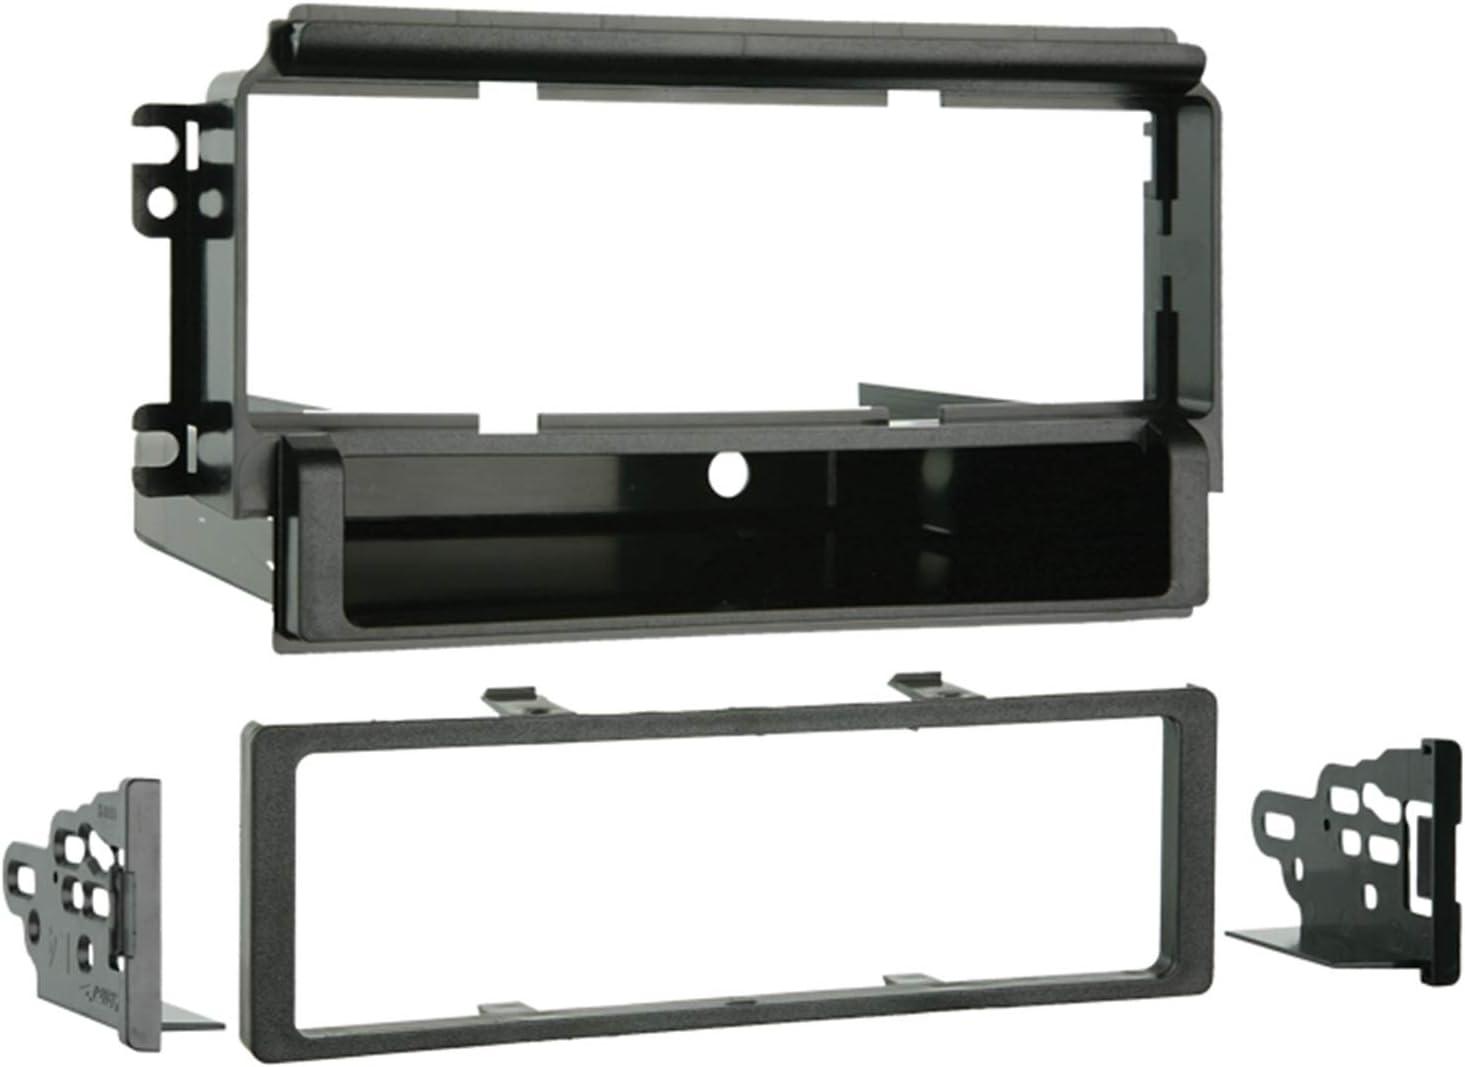 Metra 99-1006 Single DIN Installation Kit for 2003-2006 Kia Sorento EX//LX